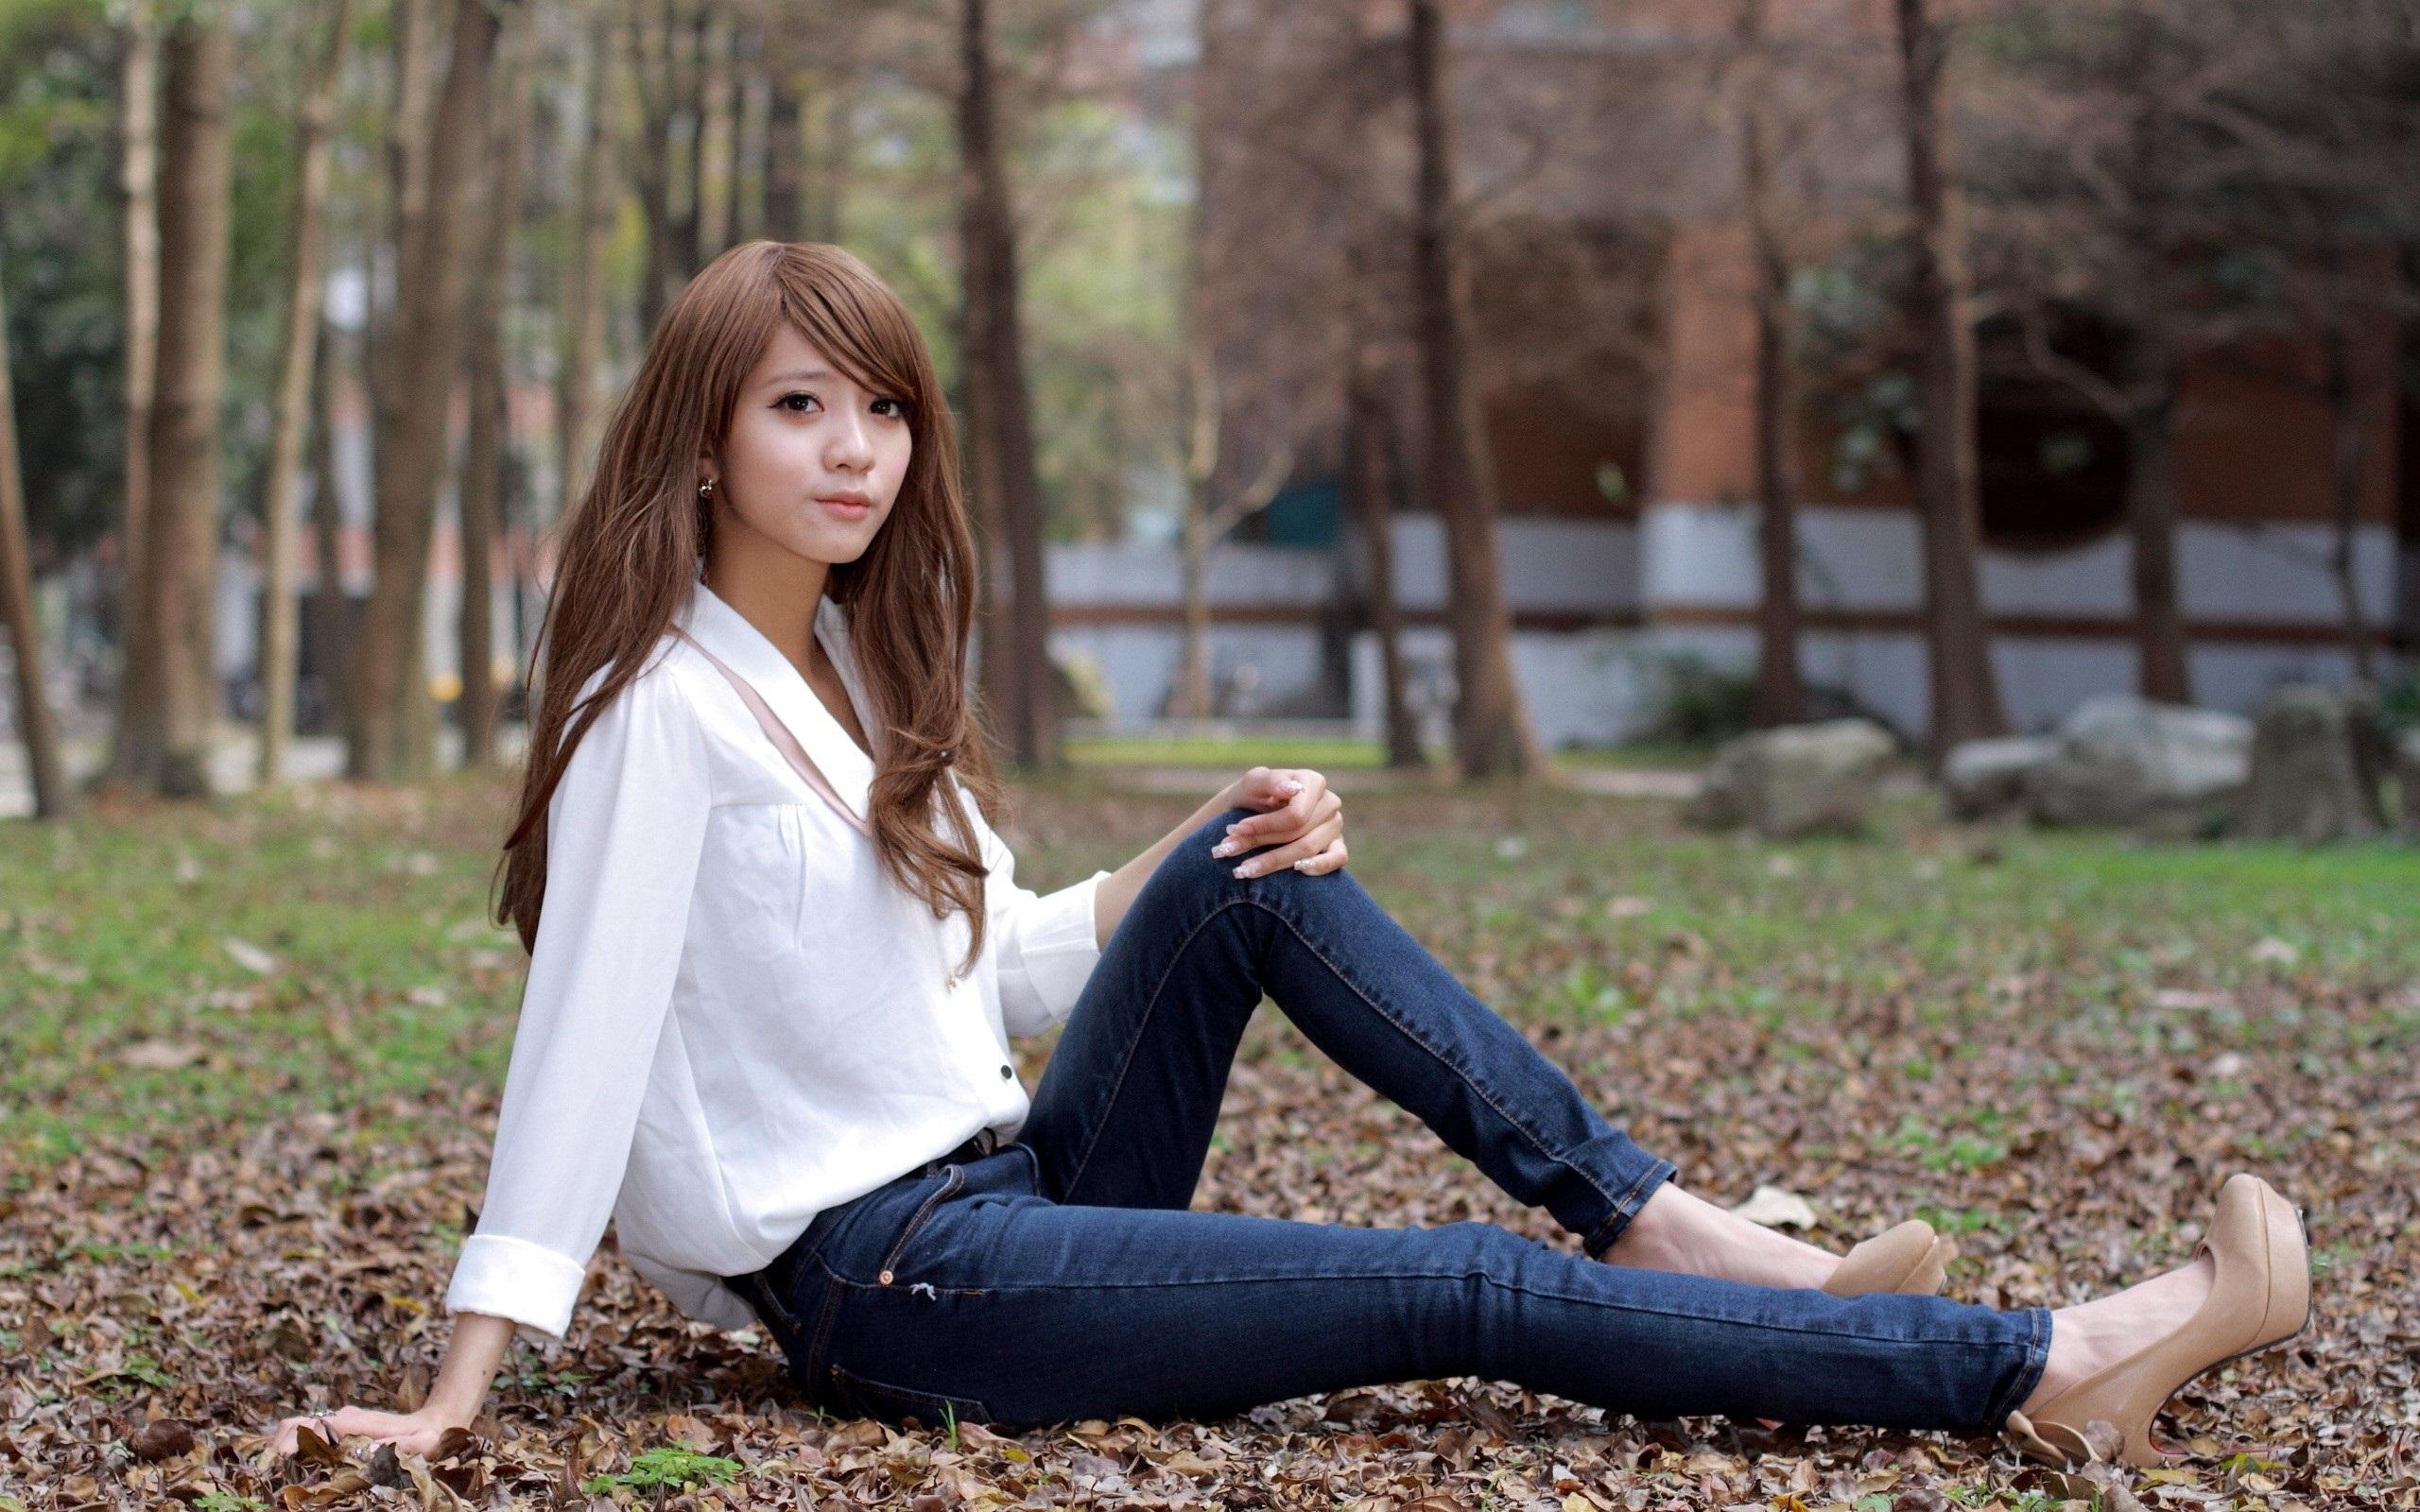 фото молодых азиатов ноги, сучка